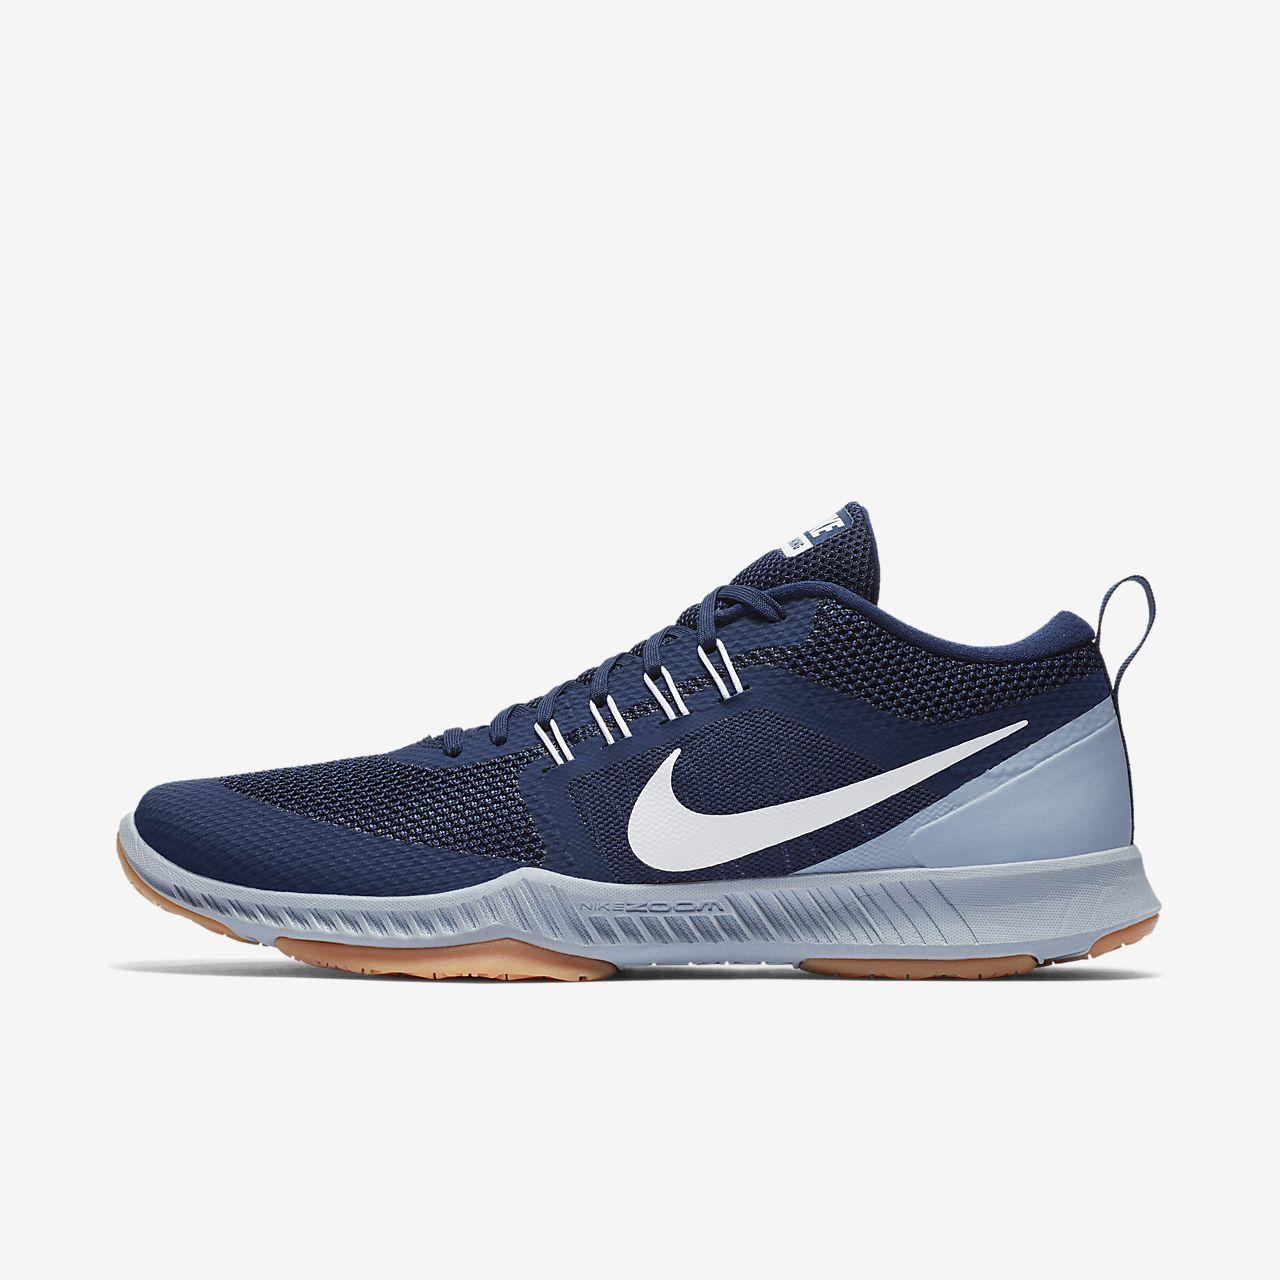 8e33184ffc0 Calzado de entrenamiento para hombre Nike Zoom Domination. Nike.com MX